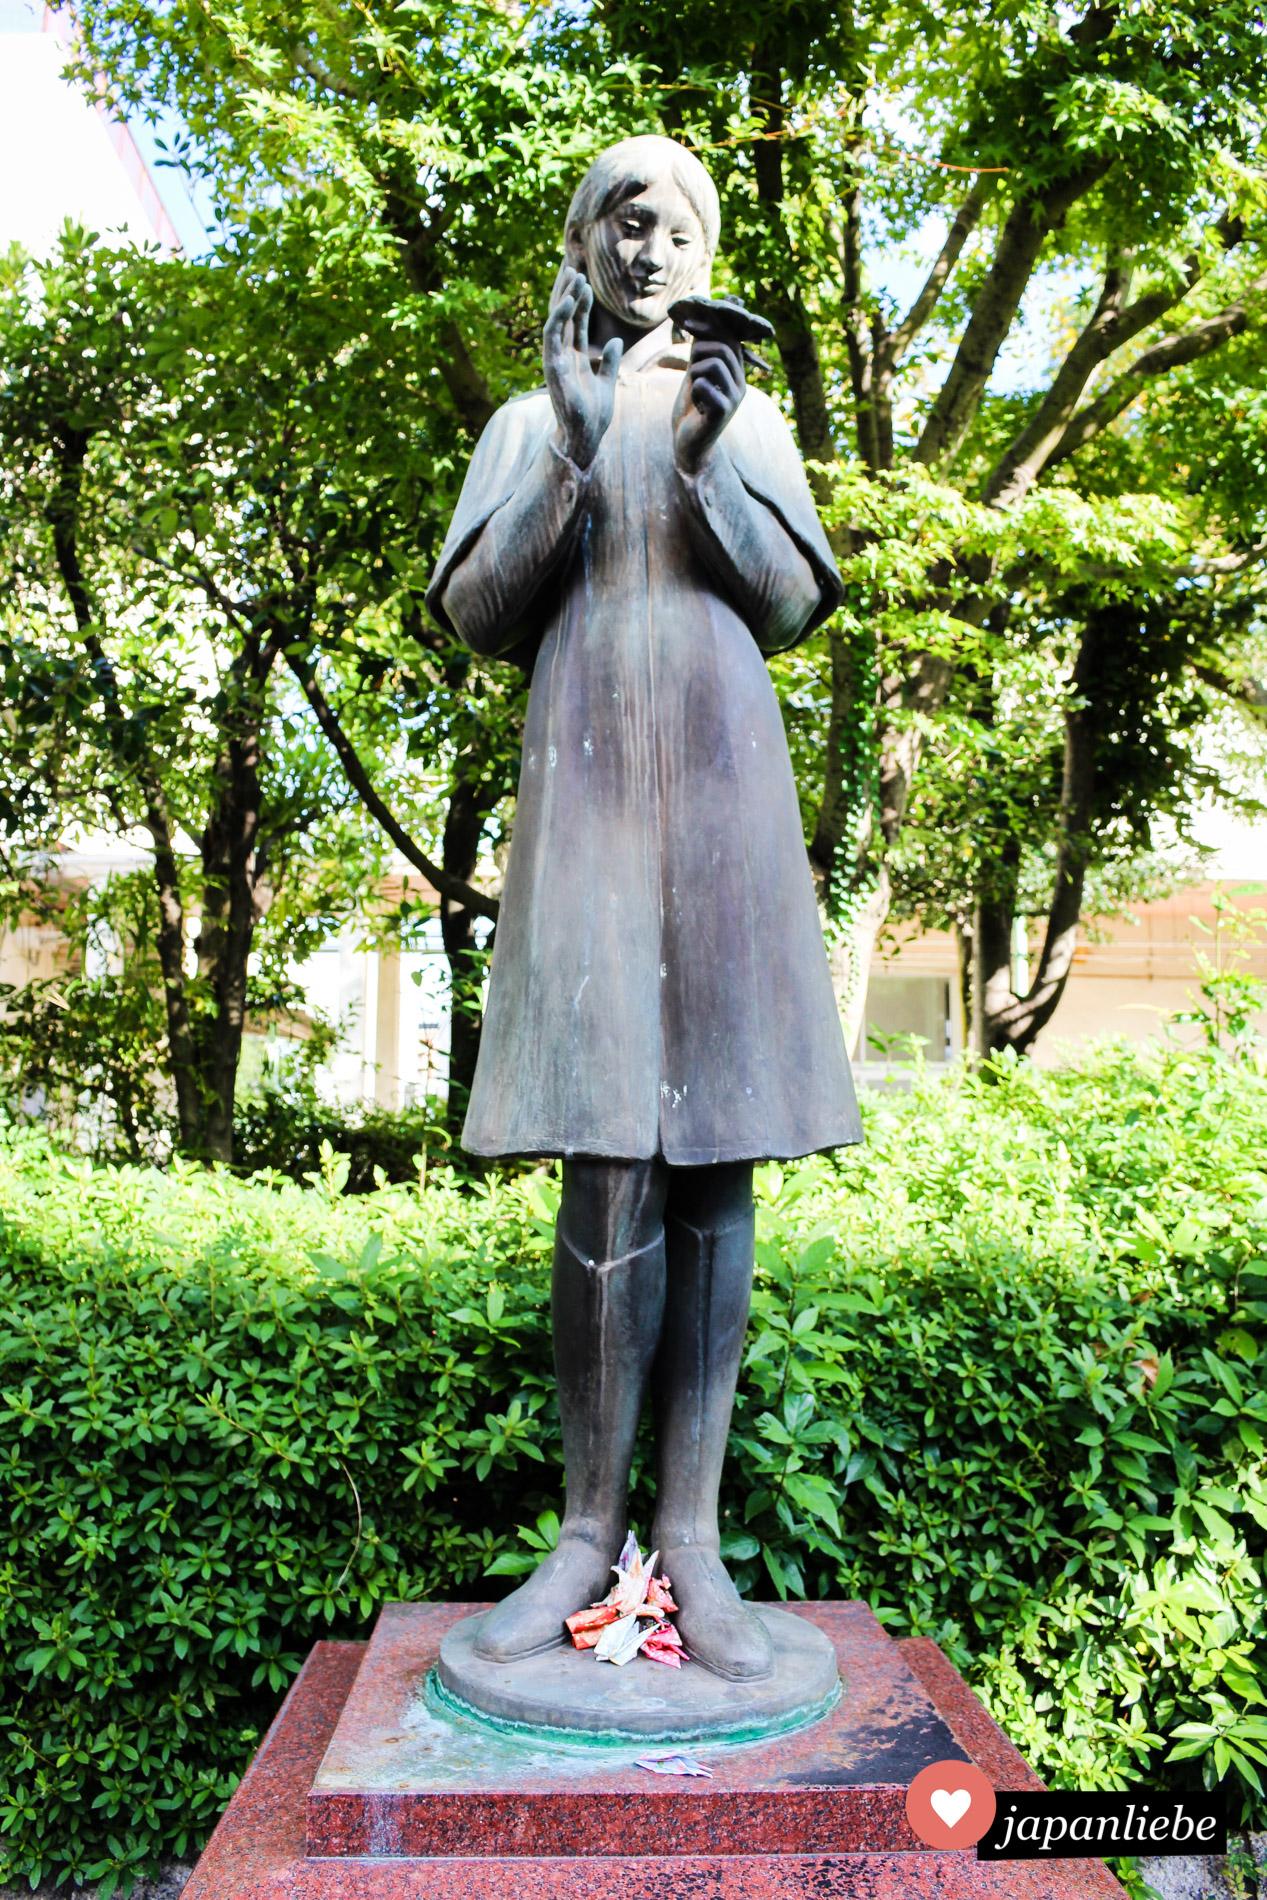 Eine Statue von Sadako Sasaki in der Nähe der ehemaligen Schule des Mädchens. Papierkraniche wurden im Gedenken an ihren Füßen abgelegt.